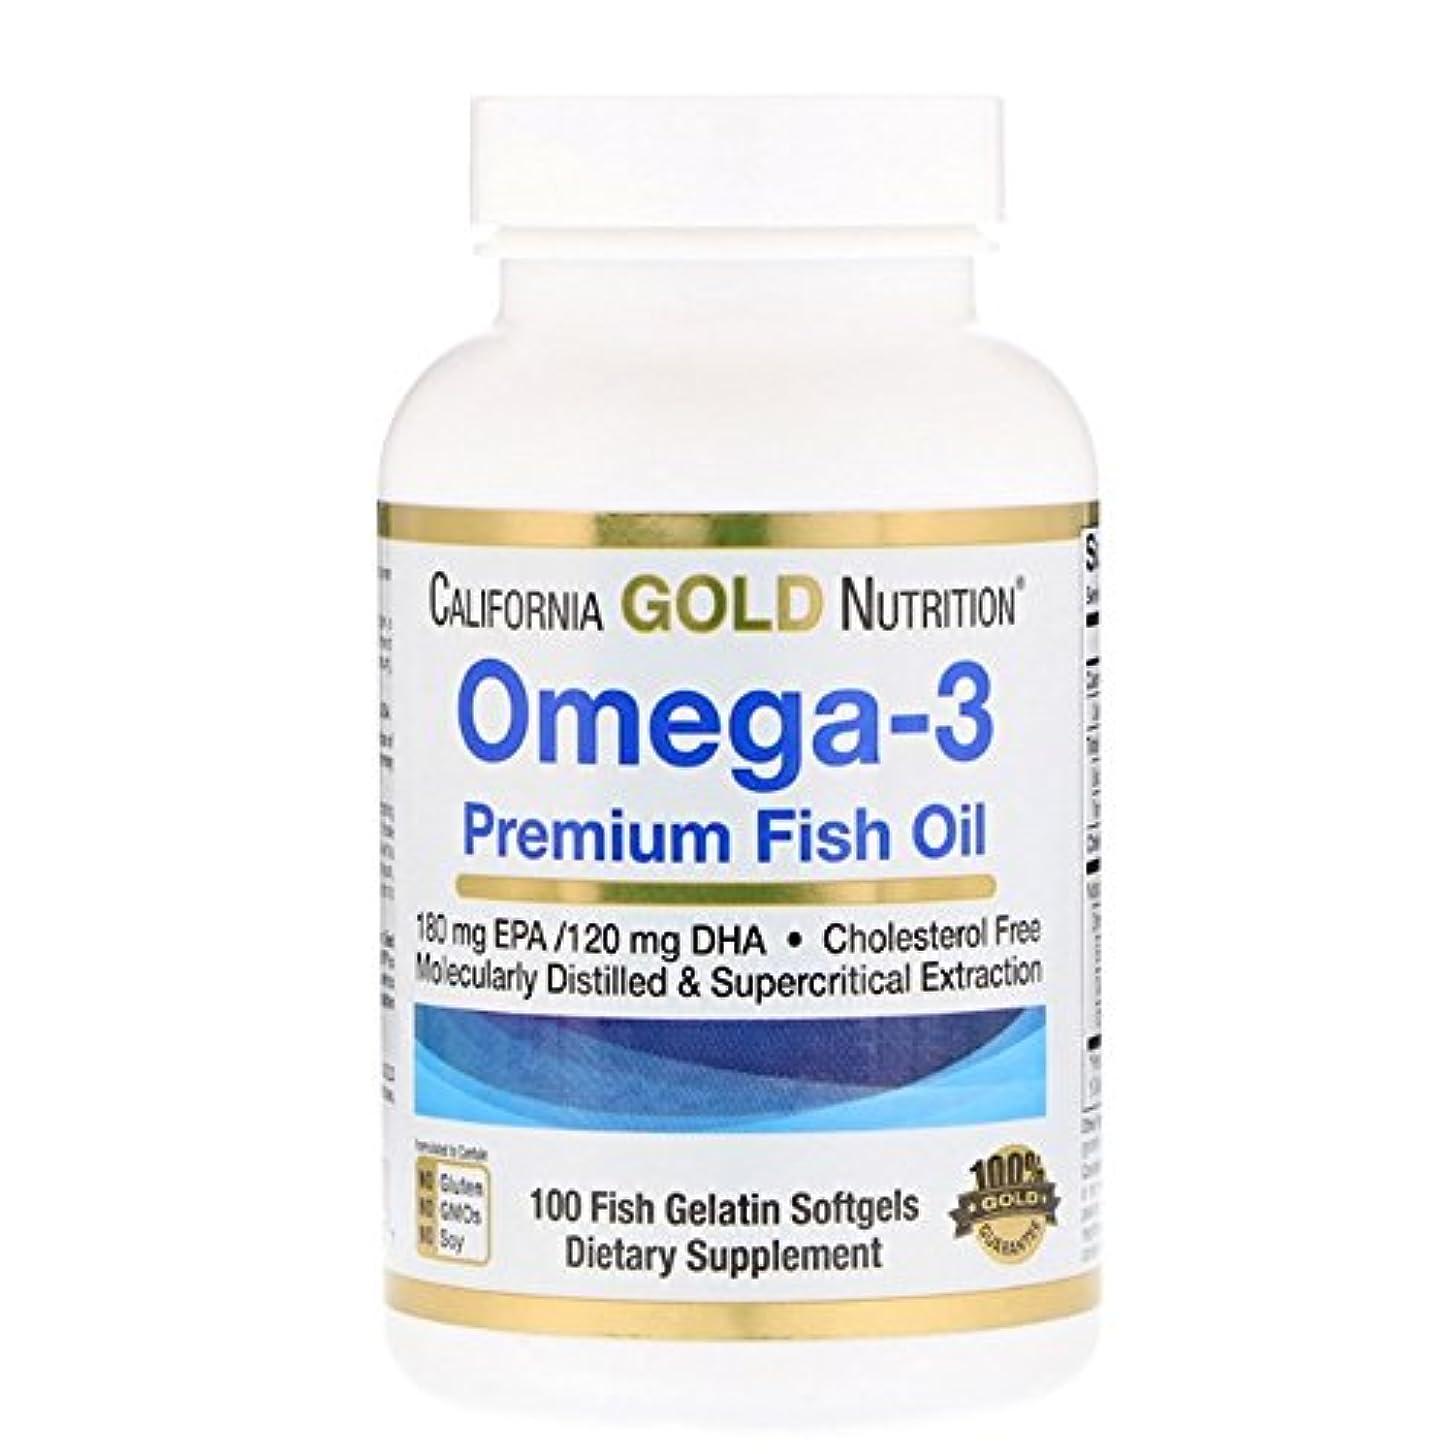 任命受動的大佐California Gold Nutrition Omega-3 Premium オメガ3 フィッシュオイル 100粒 Fish Gelatin Softgels [海外直送品]